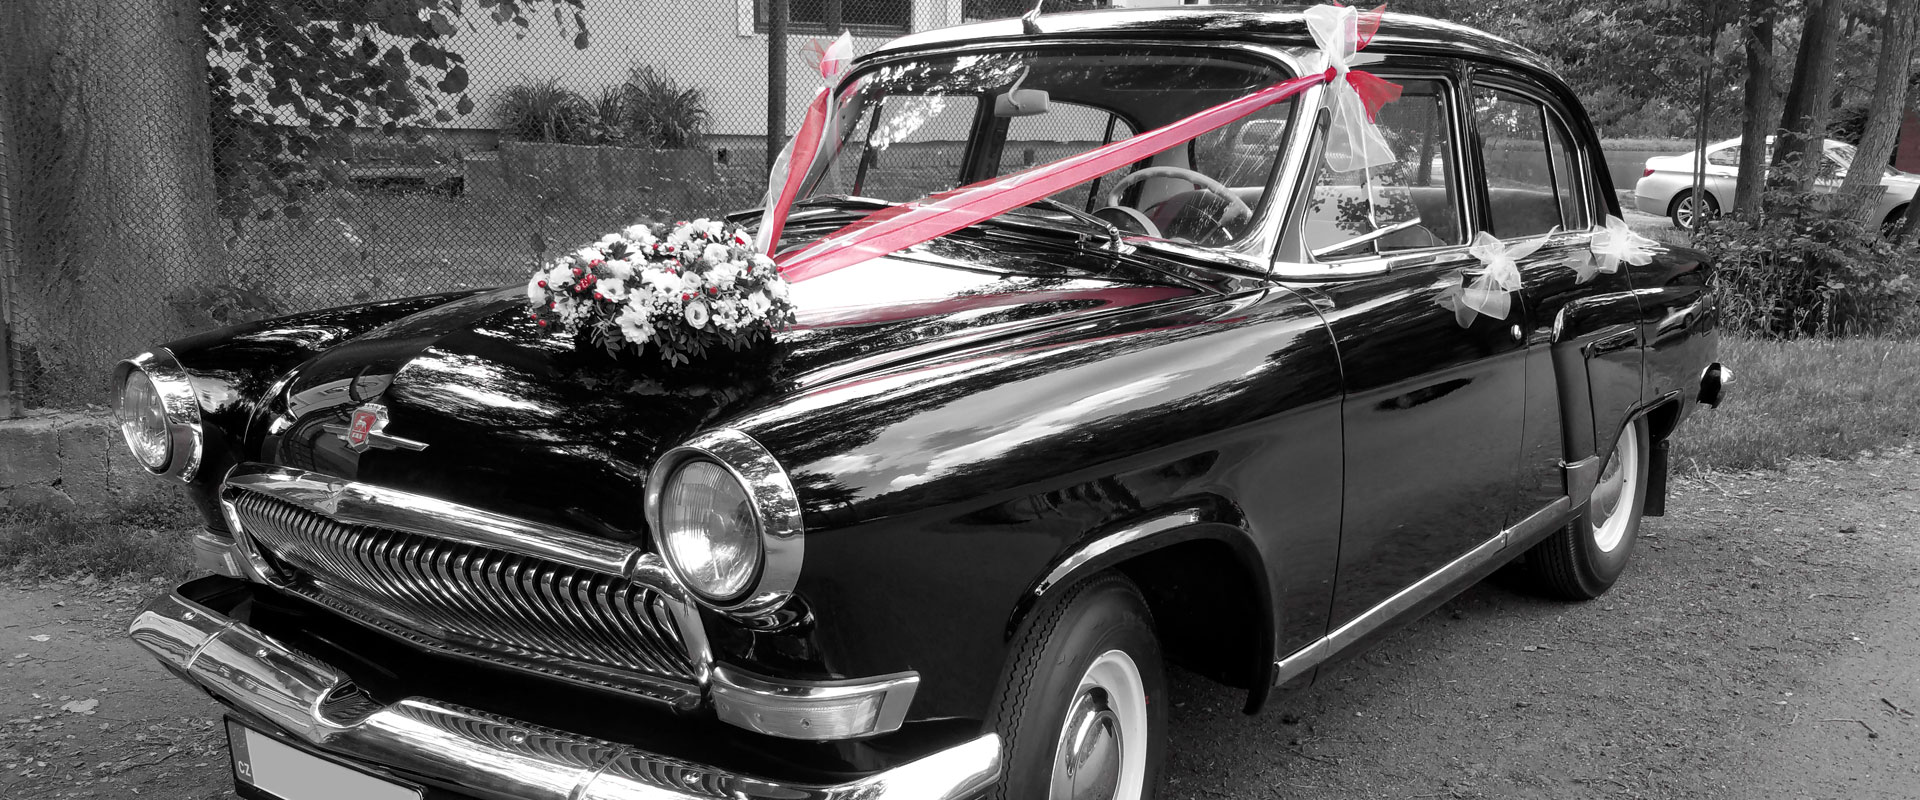 ... limuzínu vám přistavíme kamkoliv si budete přát ...